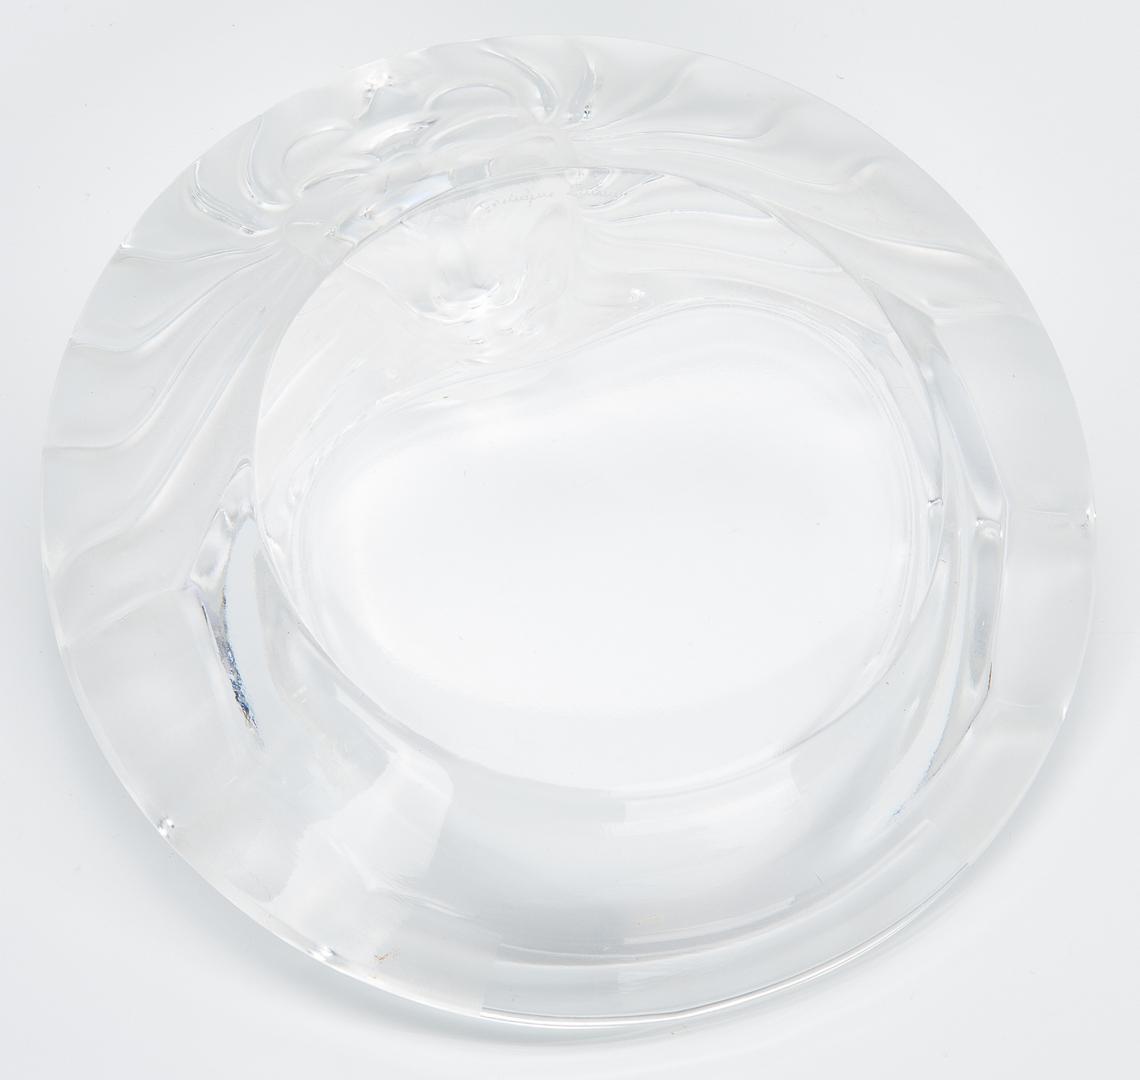 Lot 482: Group of Lalique Glass, 6 pcs.